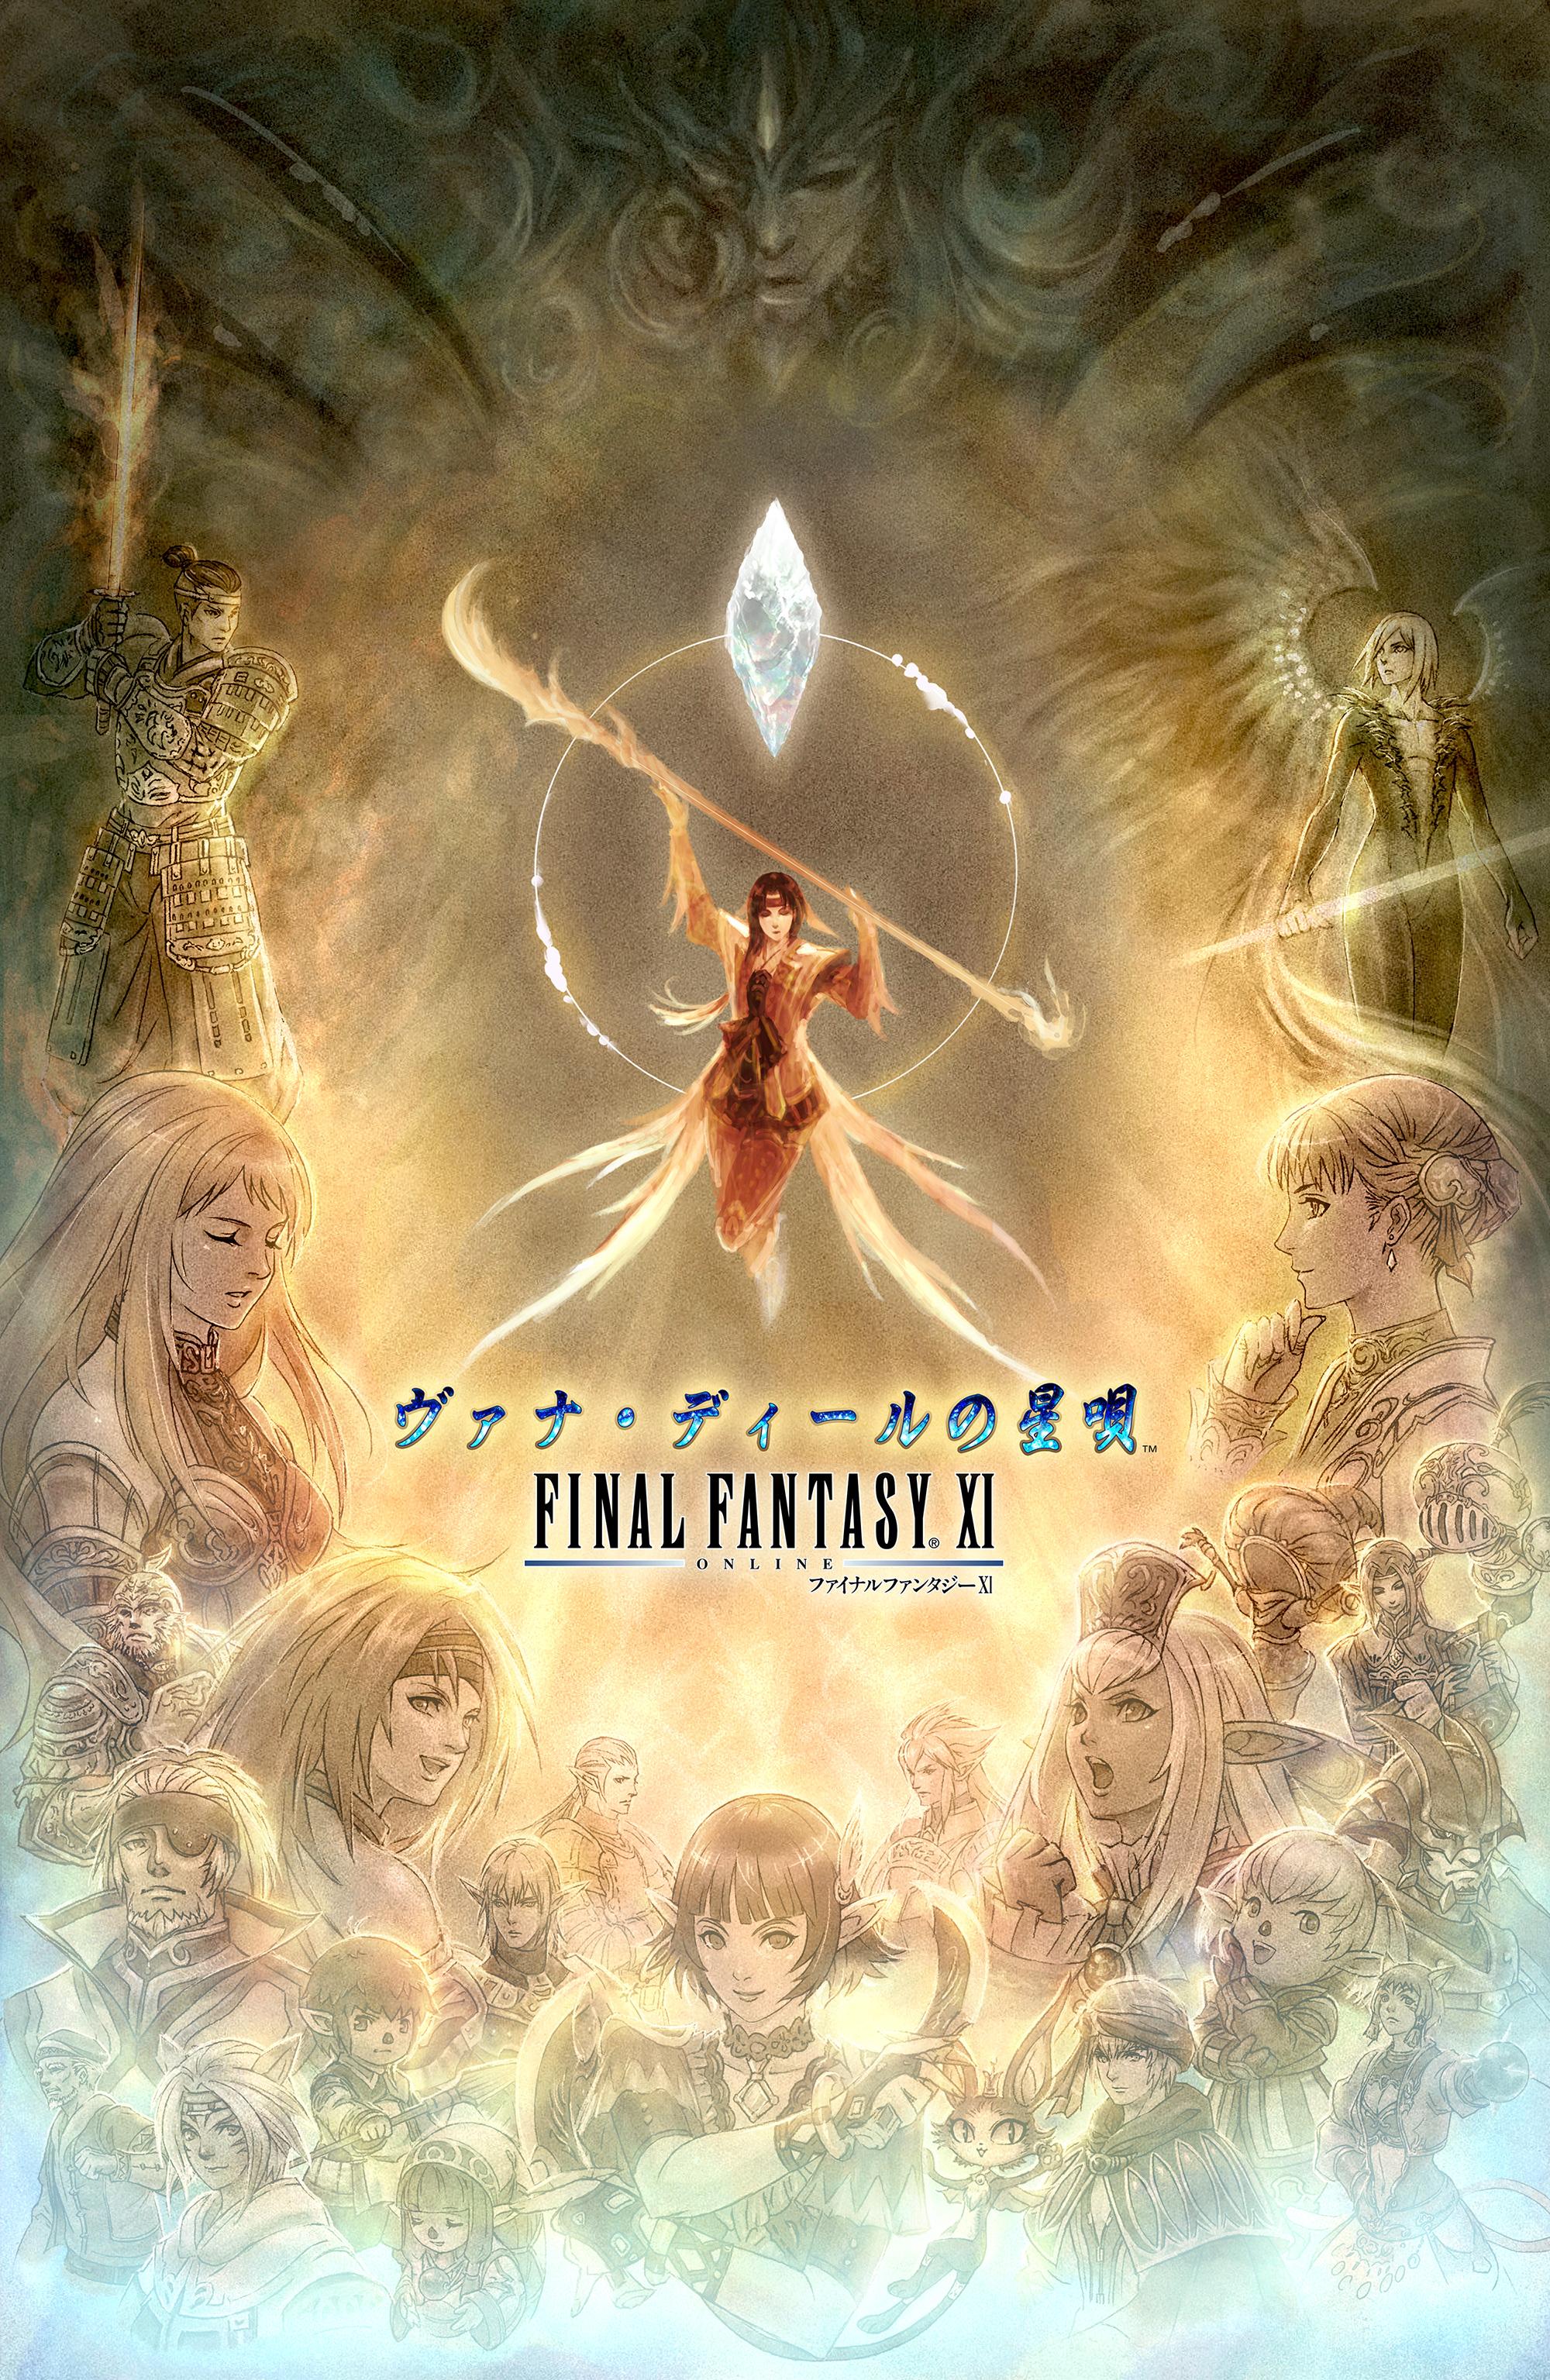 final fantasy xi rpg site